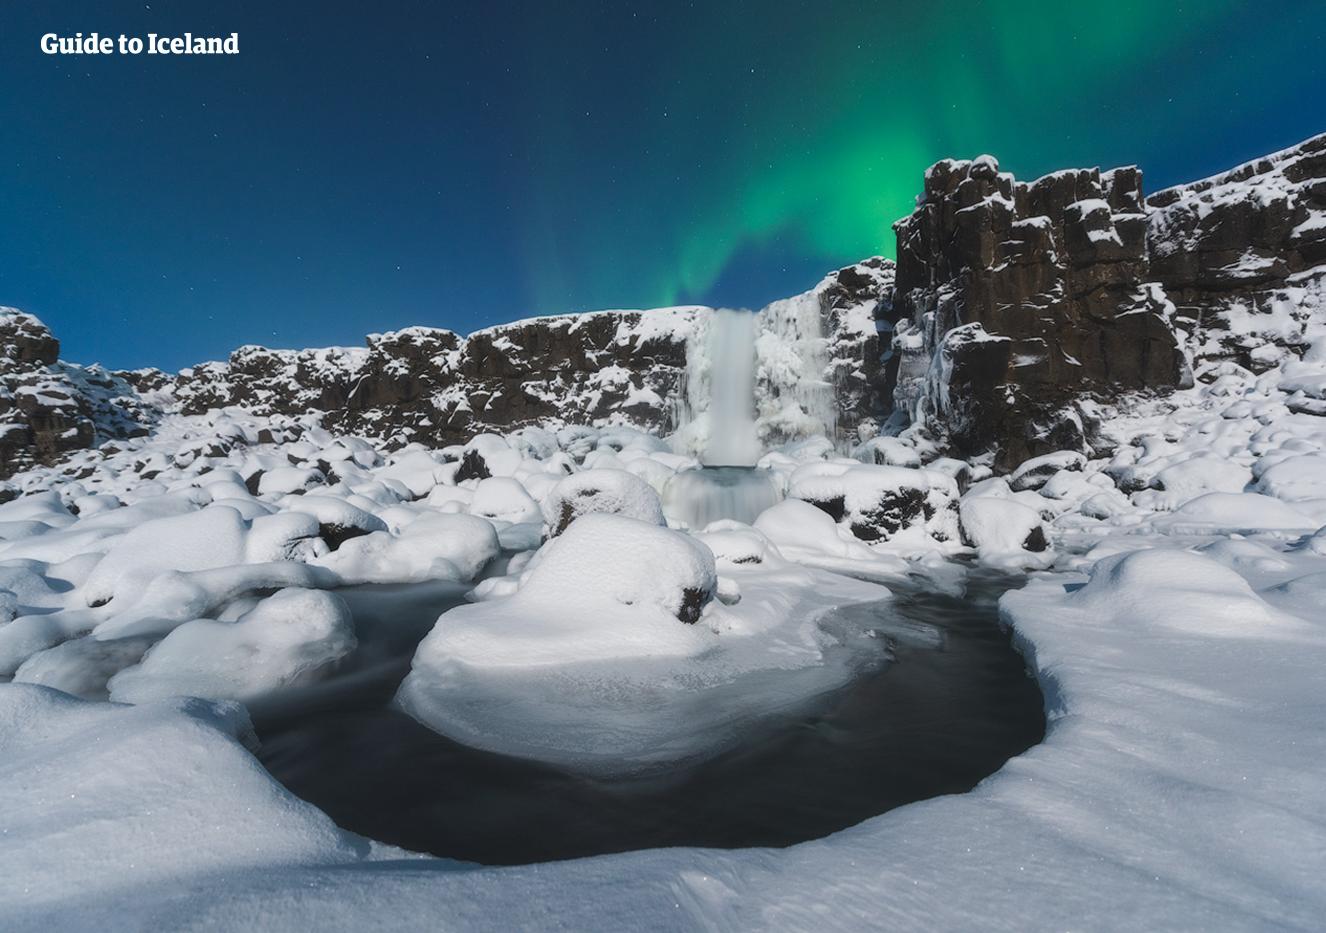 Autotour de 11 jours | Route circulaire, aurores boréales et Snæfellsnes - day 10